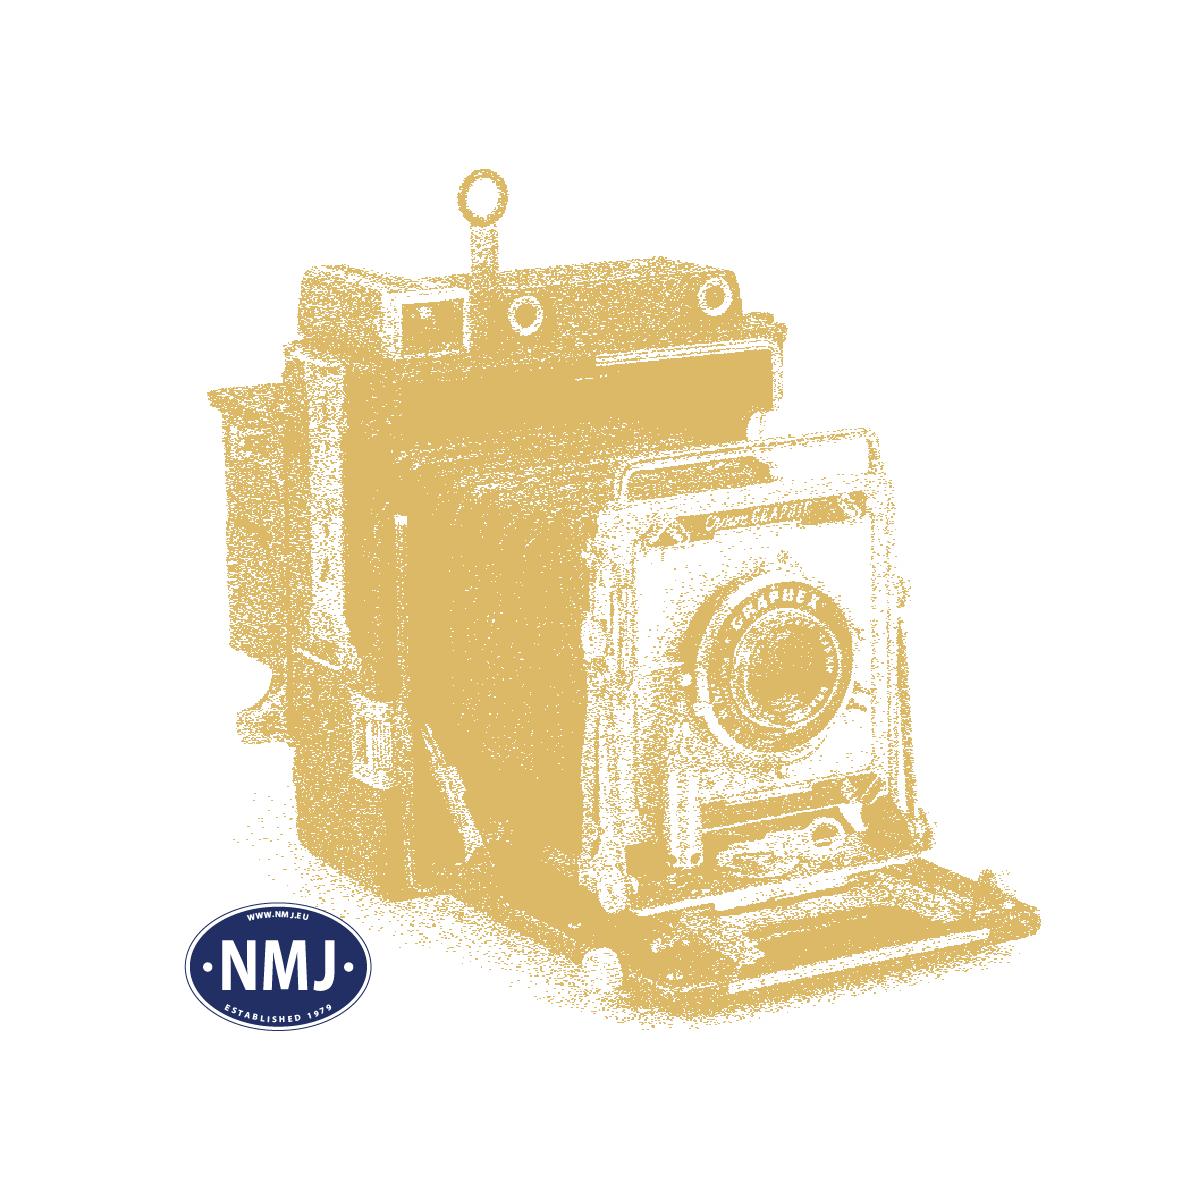 SEU011 - Røykgenerator Nr.11, Digital